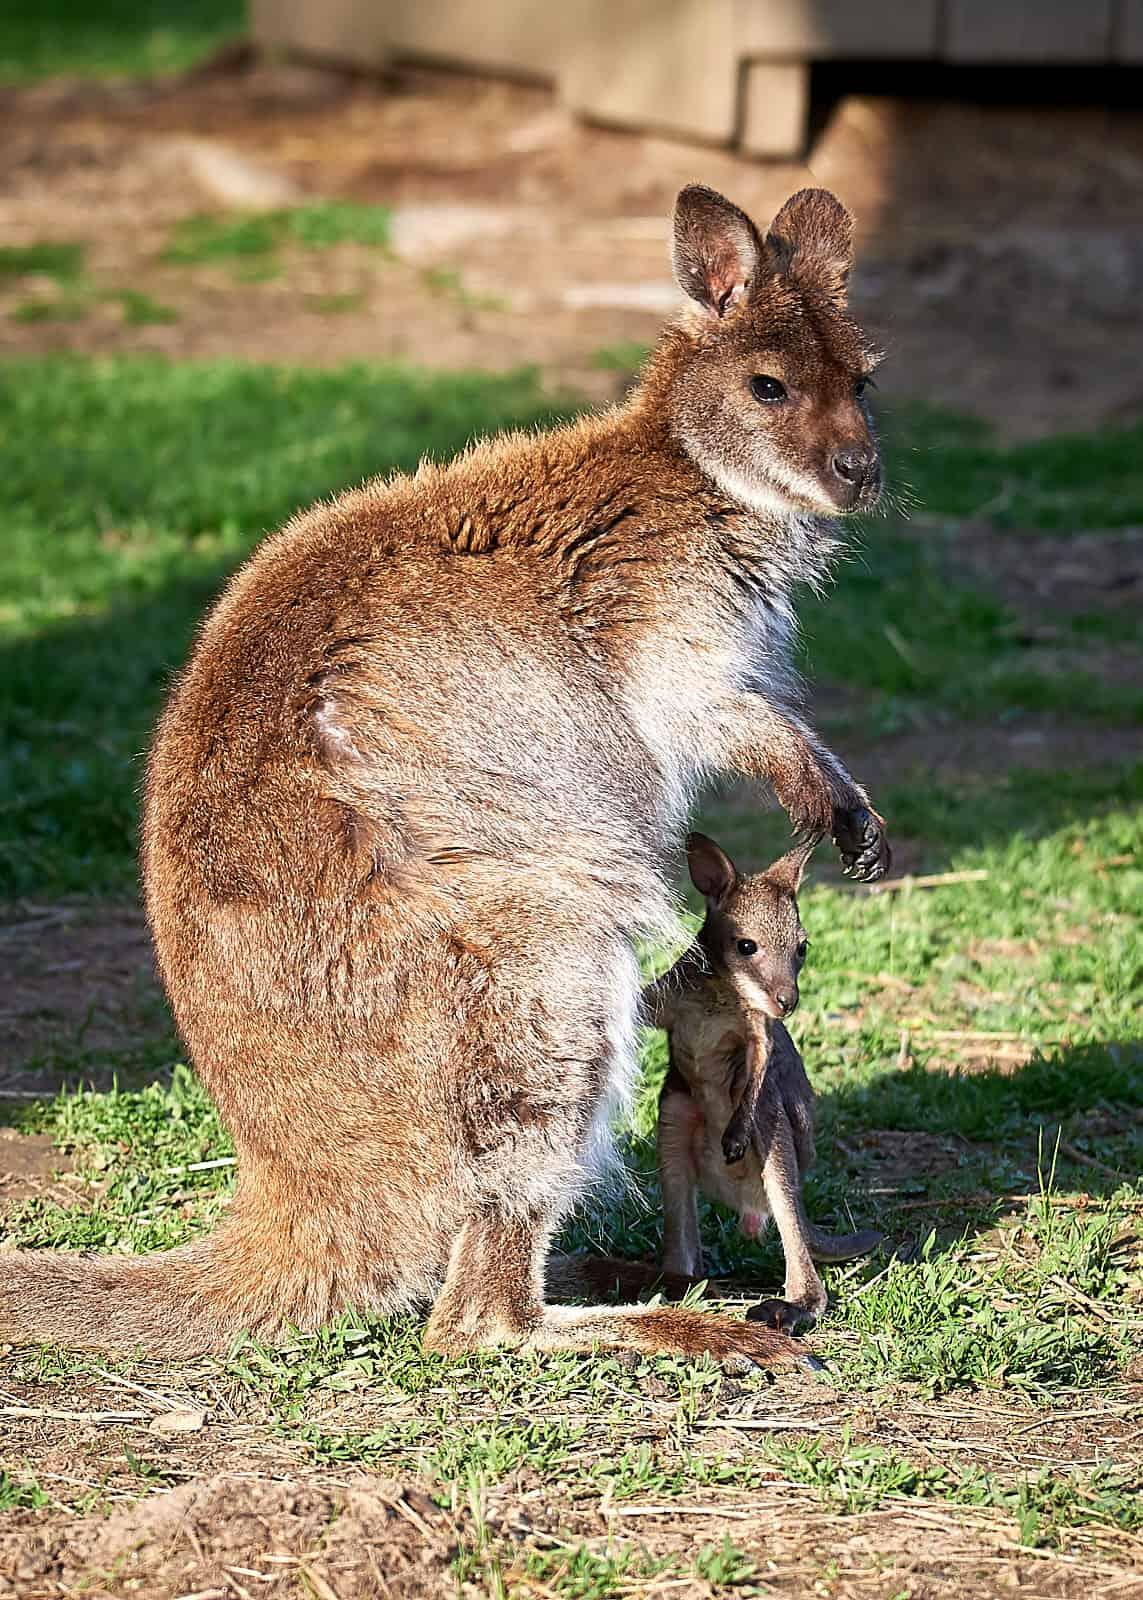 Kangaroo mit Baby im Kleintier-Zoo Rosegg Nähe Velden am Wörthersee in Österreich